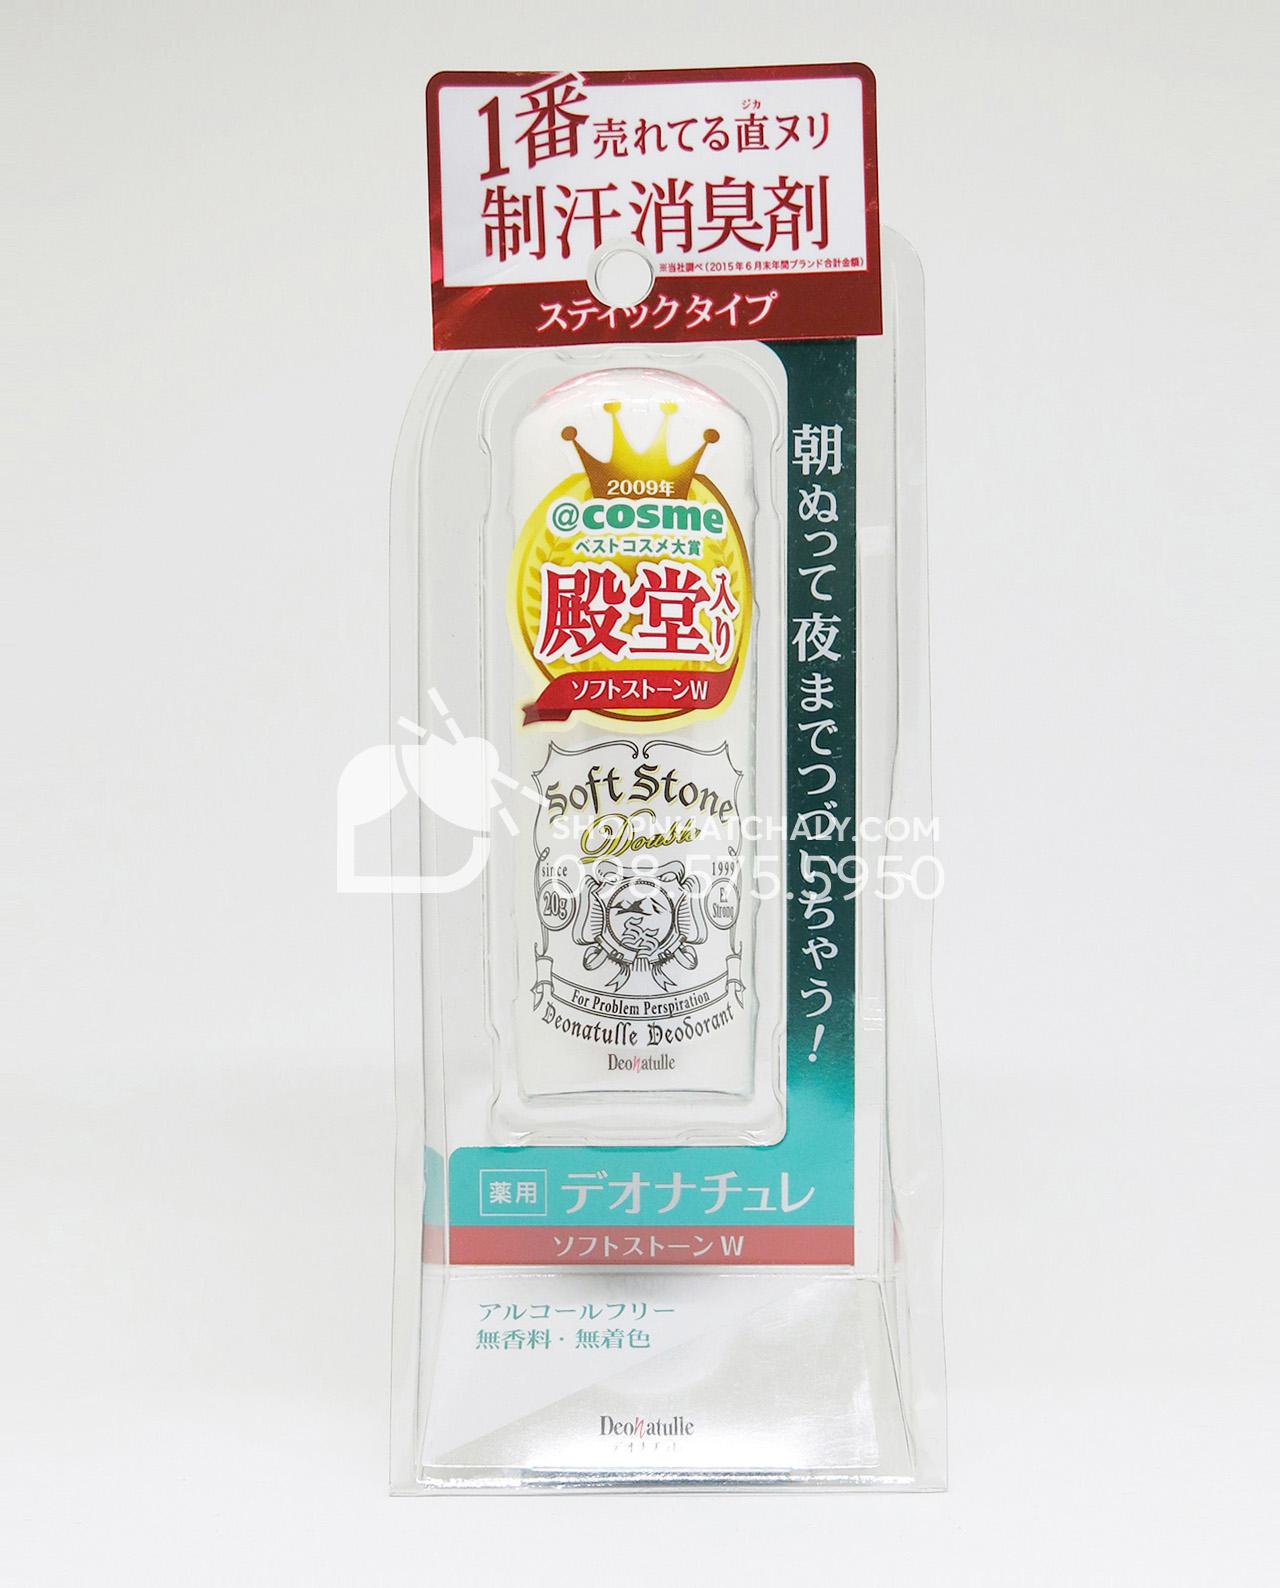 Sáp lăn khử mùi đá khoáng Nhật nội địa Soft Stone 20gr mẫu 2017